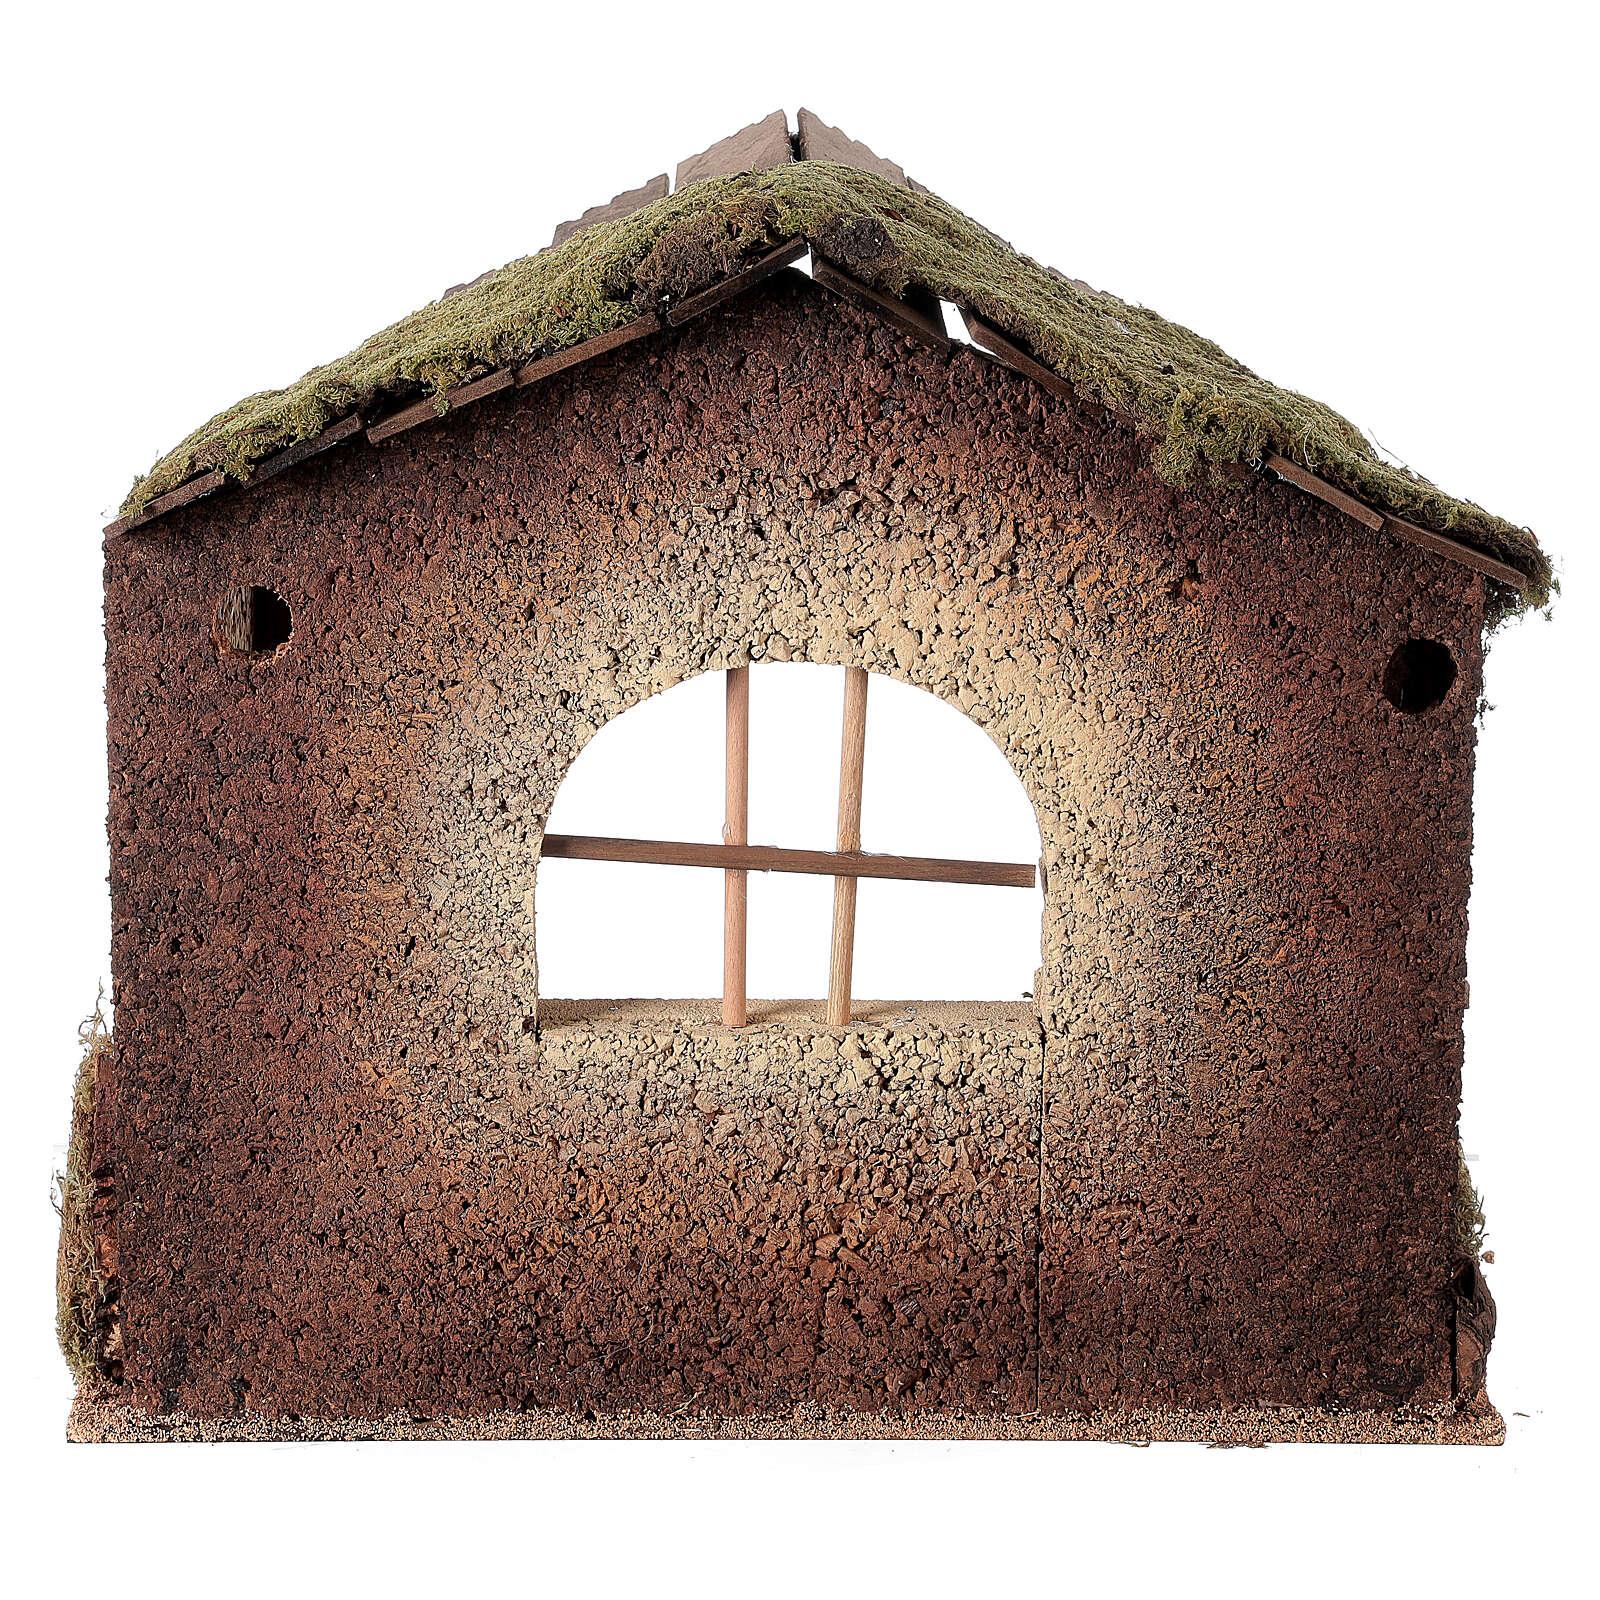 Capanna rustica Natività 20 cm tetto assi 45x50x35 cm 4